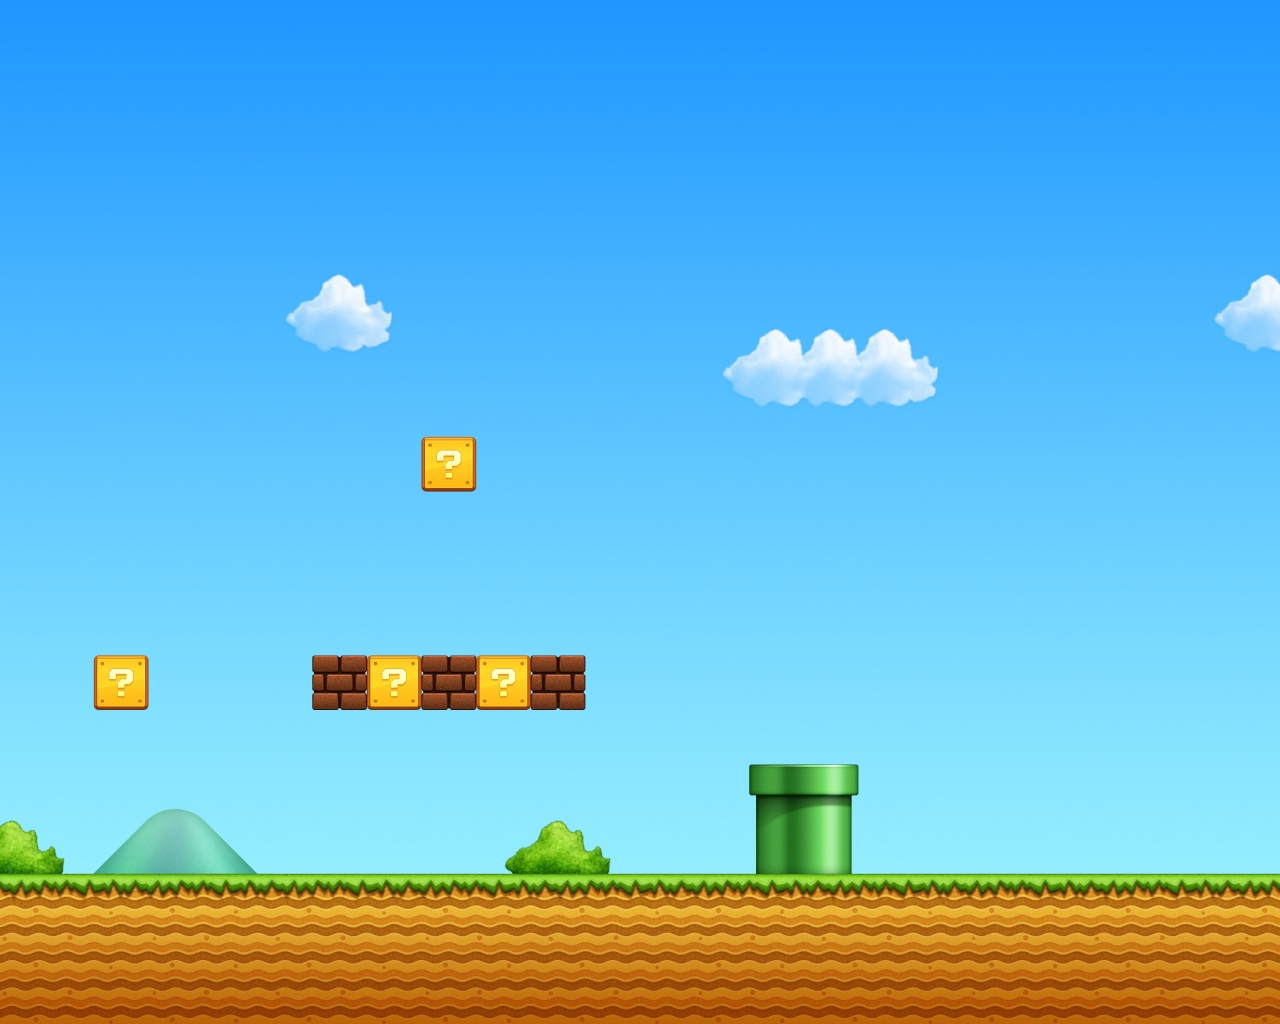 El escenario de Mario Bros - 1280x1024